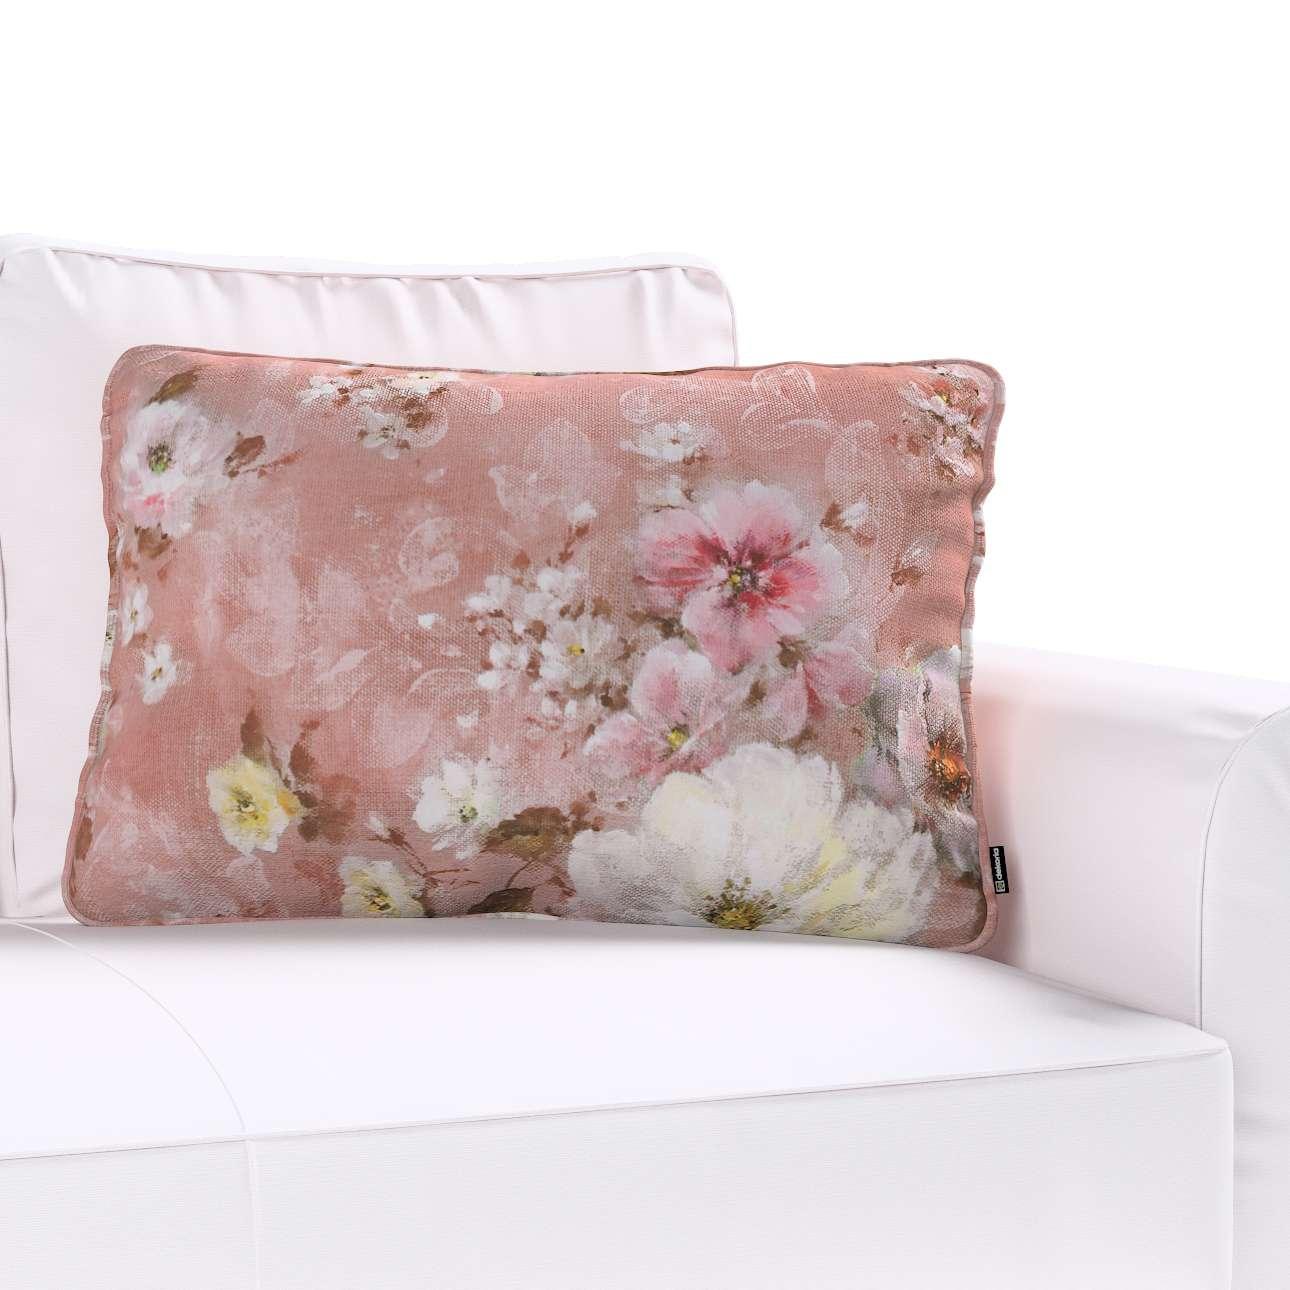 Poszewka Gabi na poduszkę prostokątna 60x40cm w kolekcji Monet, tkanina: 137-83